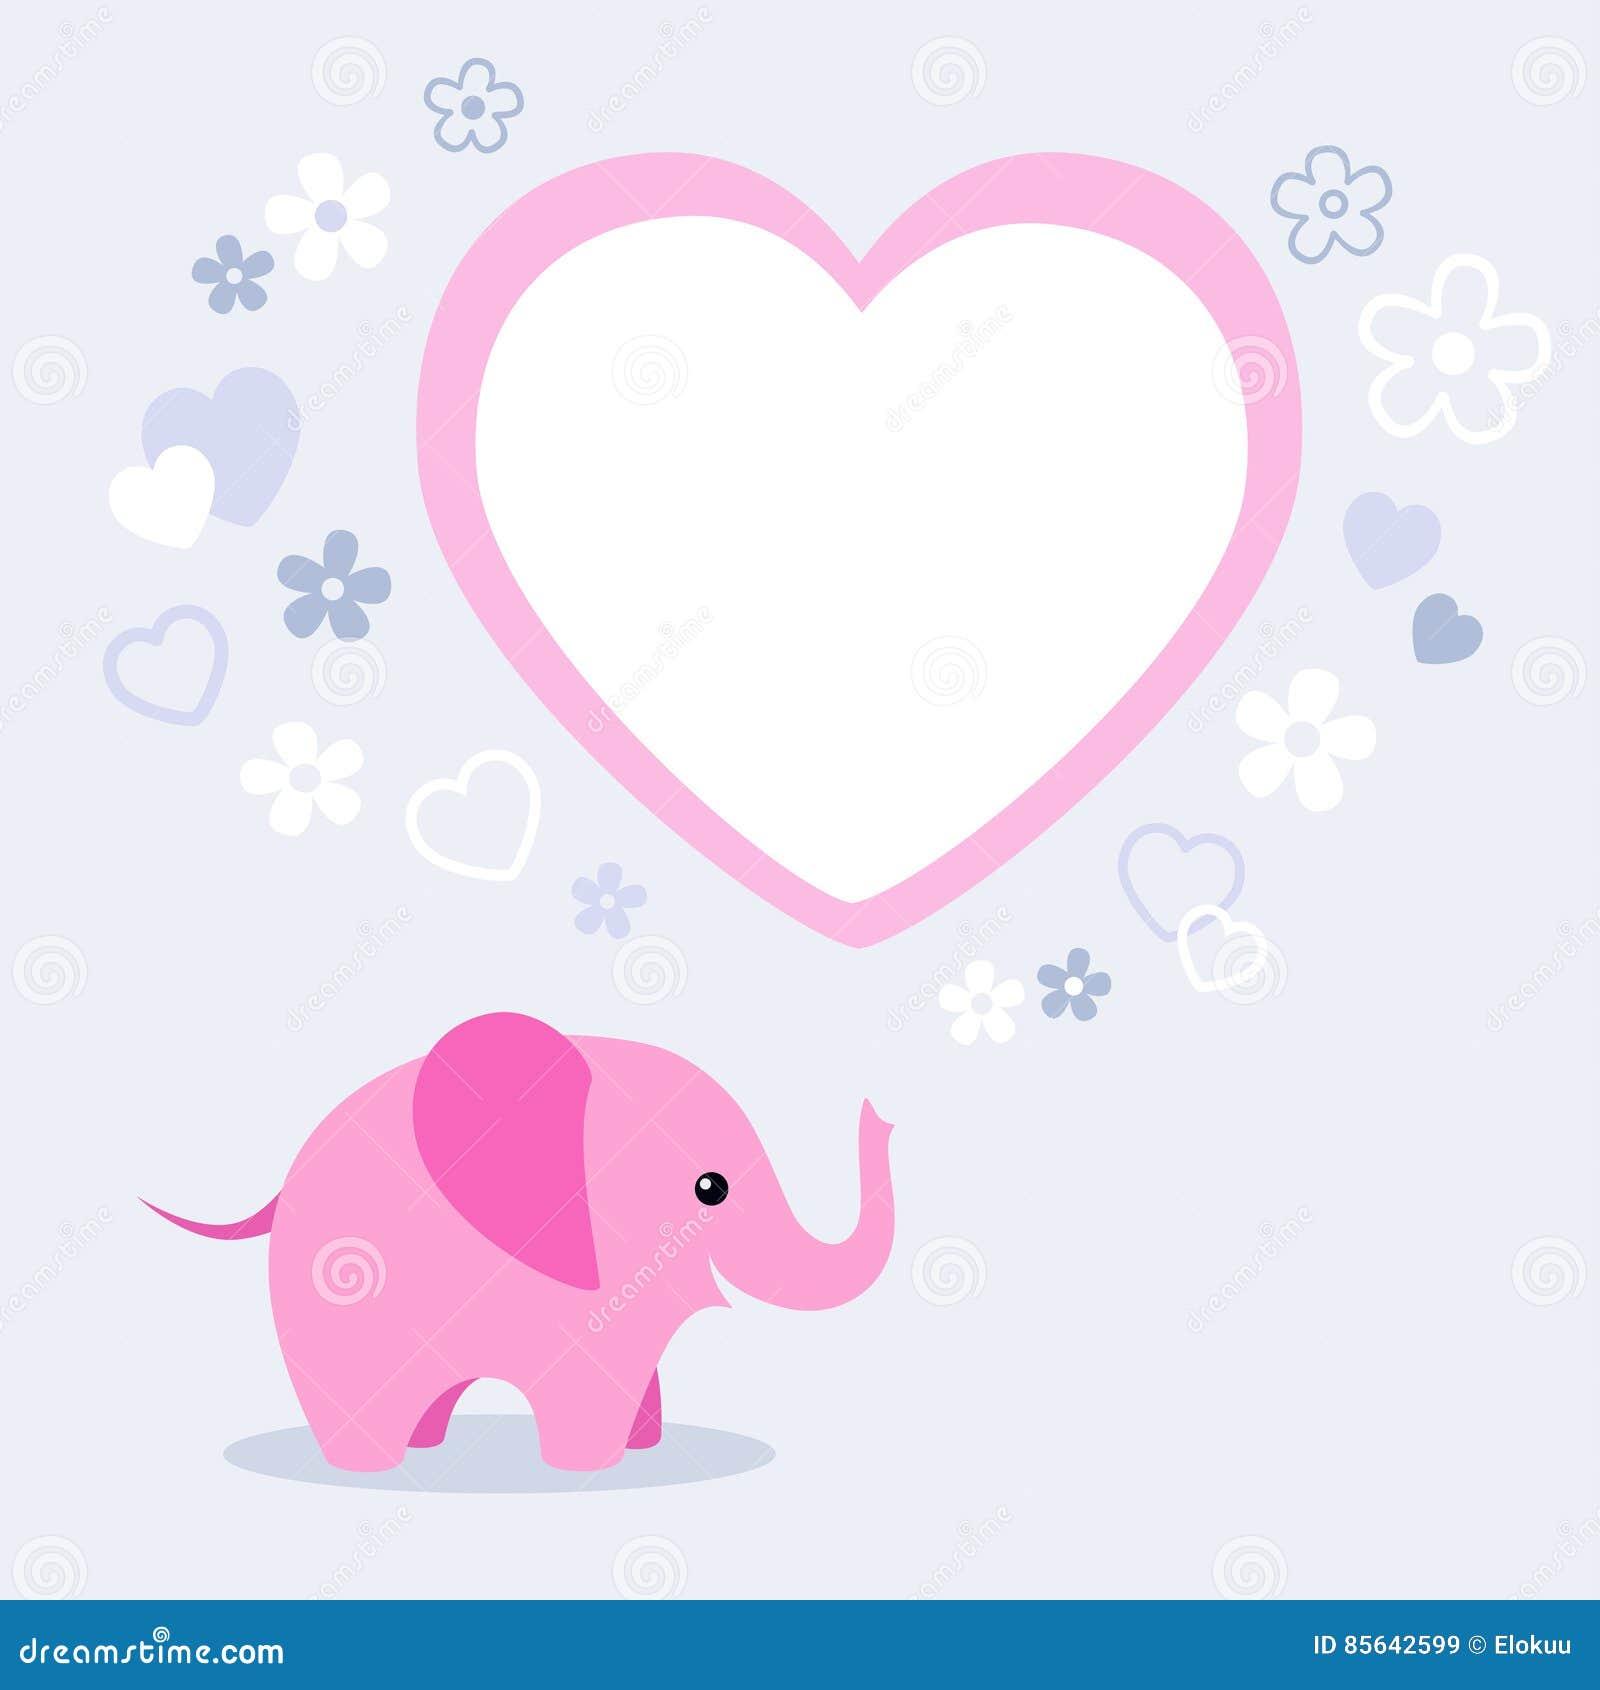 Netter Rosa Elefant Mit Blumen, Herzen Und Textbox Vektor Abbildung ...